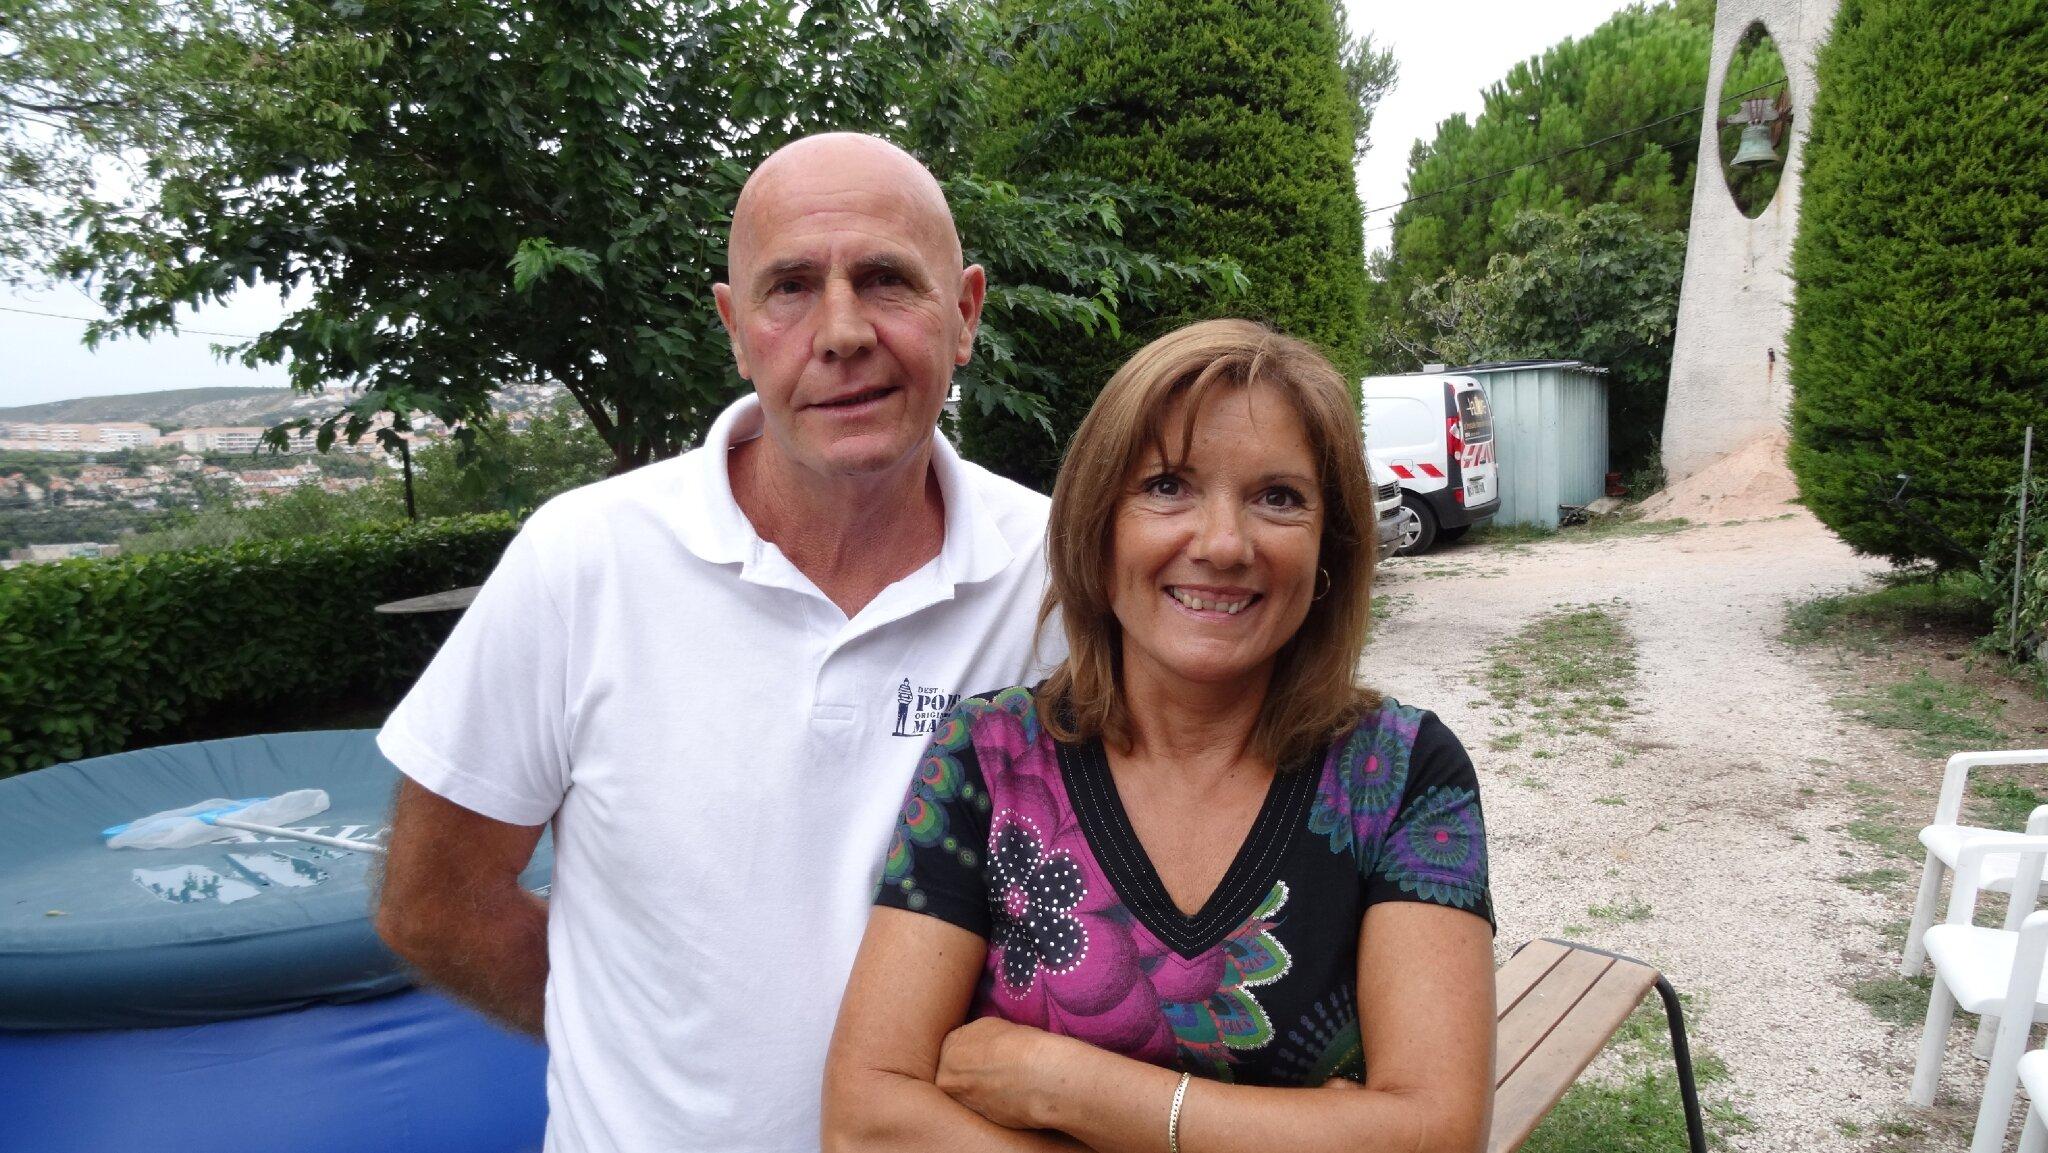 28-08-2014 Repas chez Martine et philipe 10